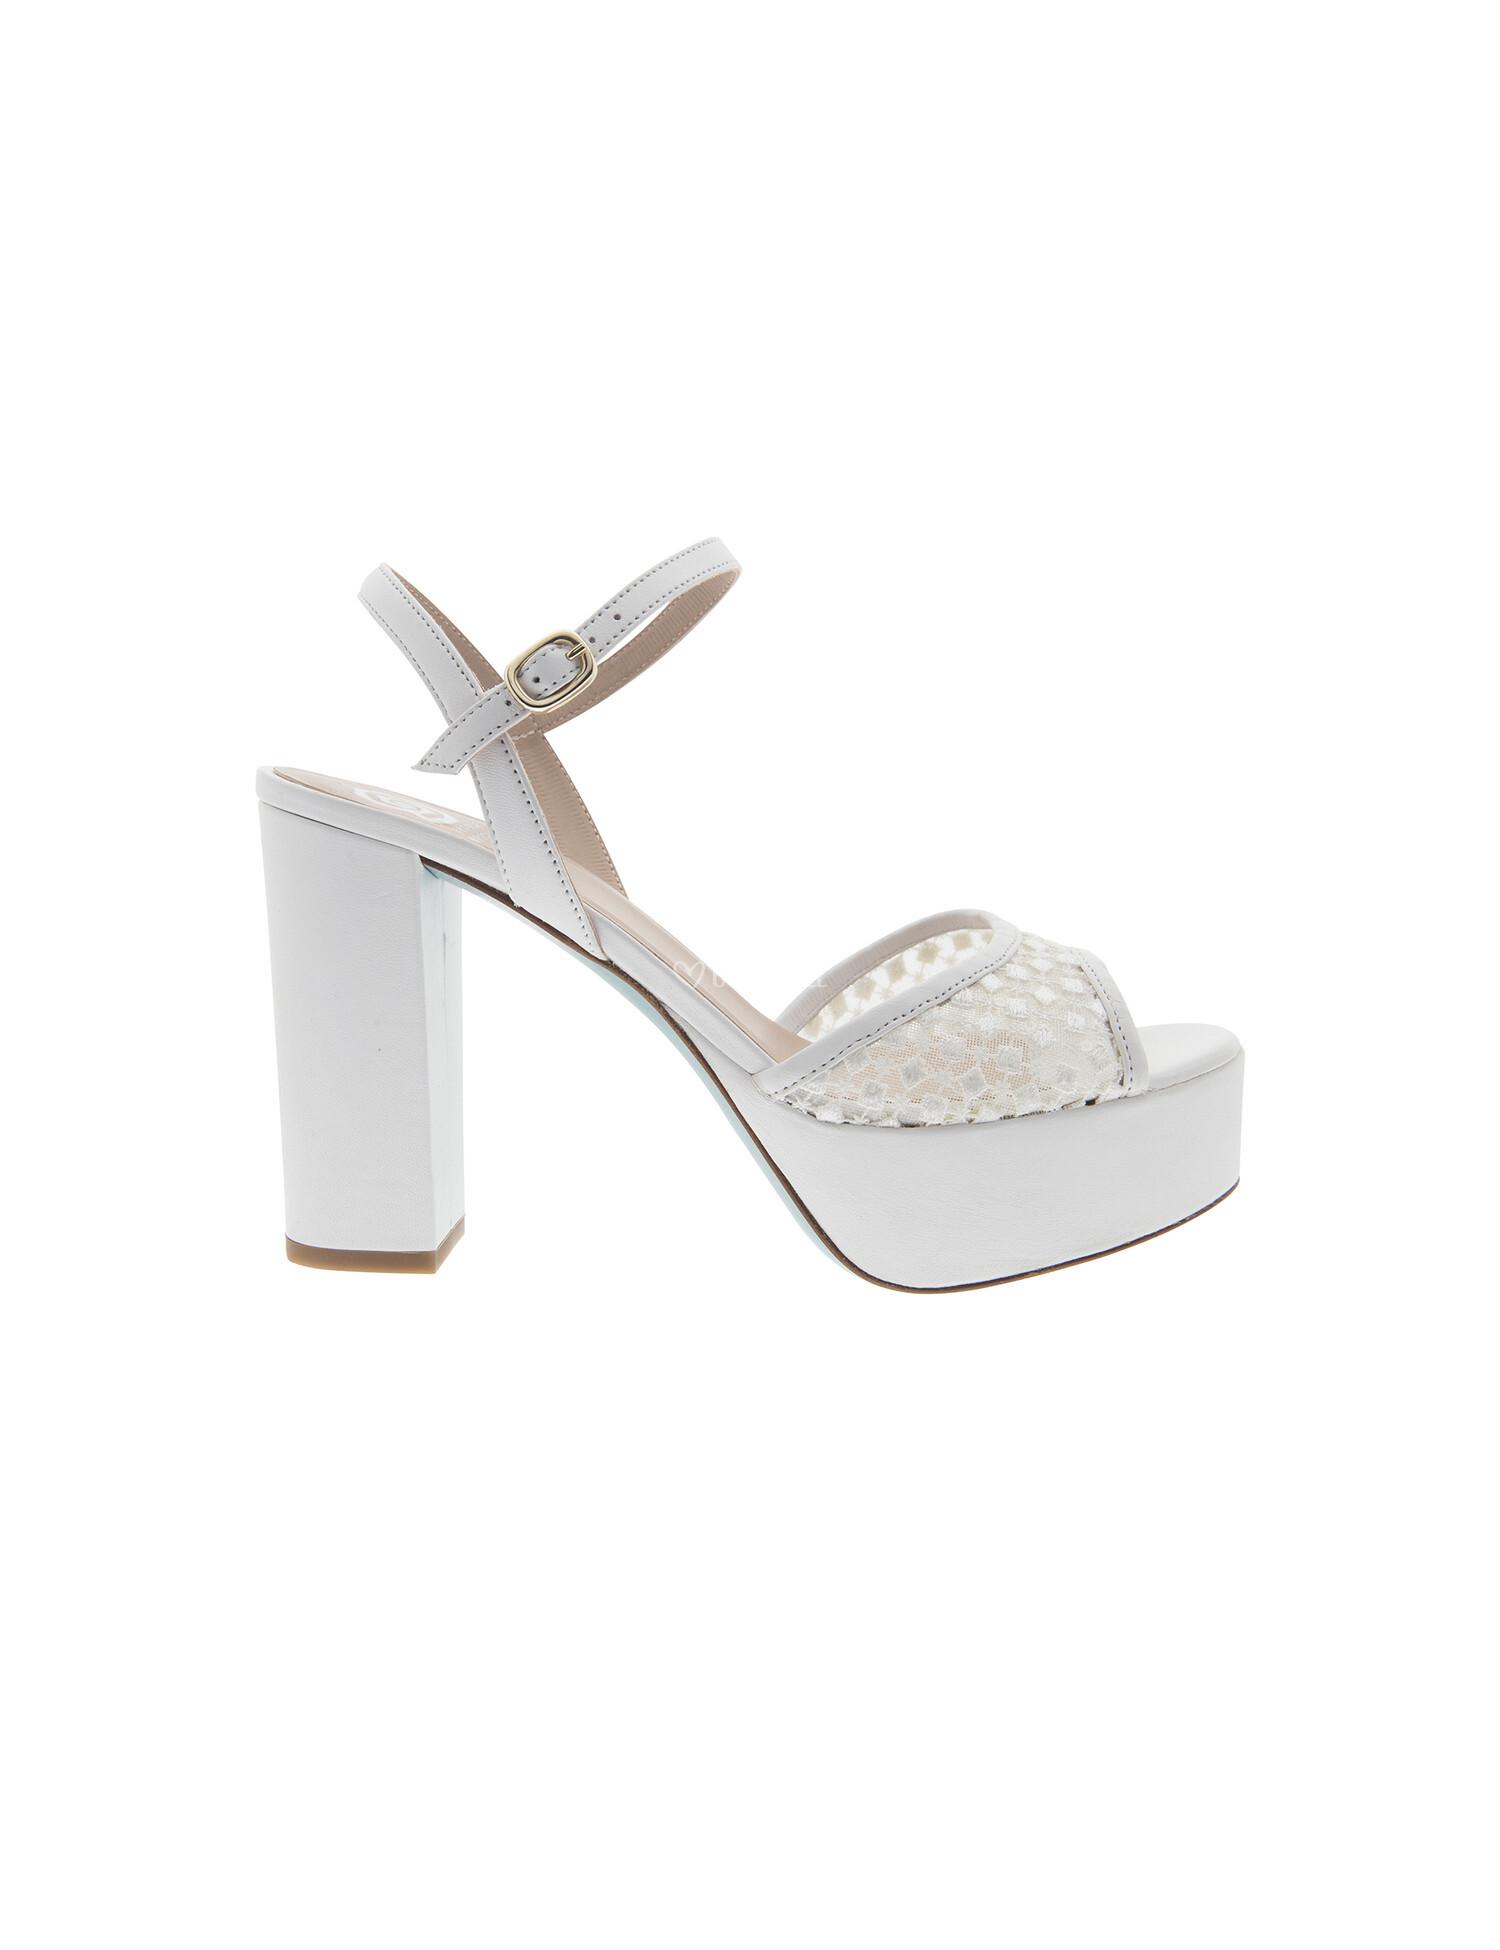 Zapatos Ursula Mascaró 2019 De rCxWQEBoed